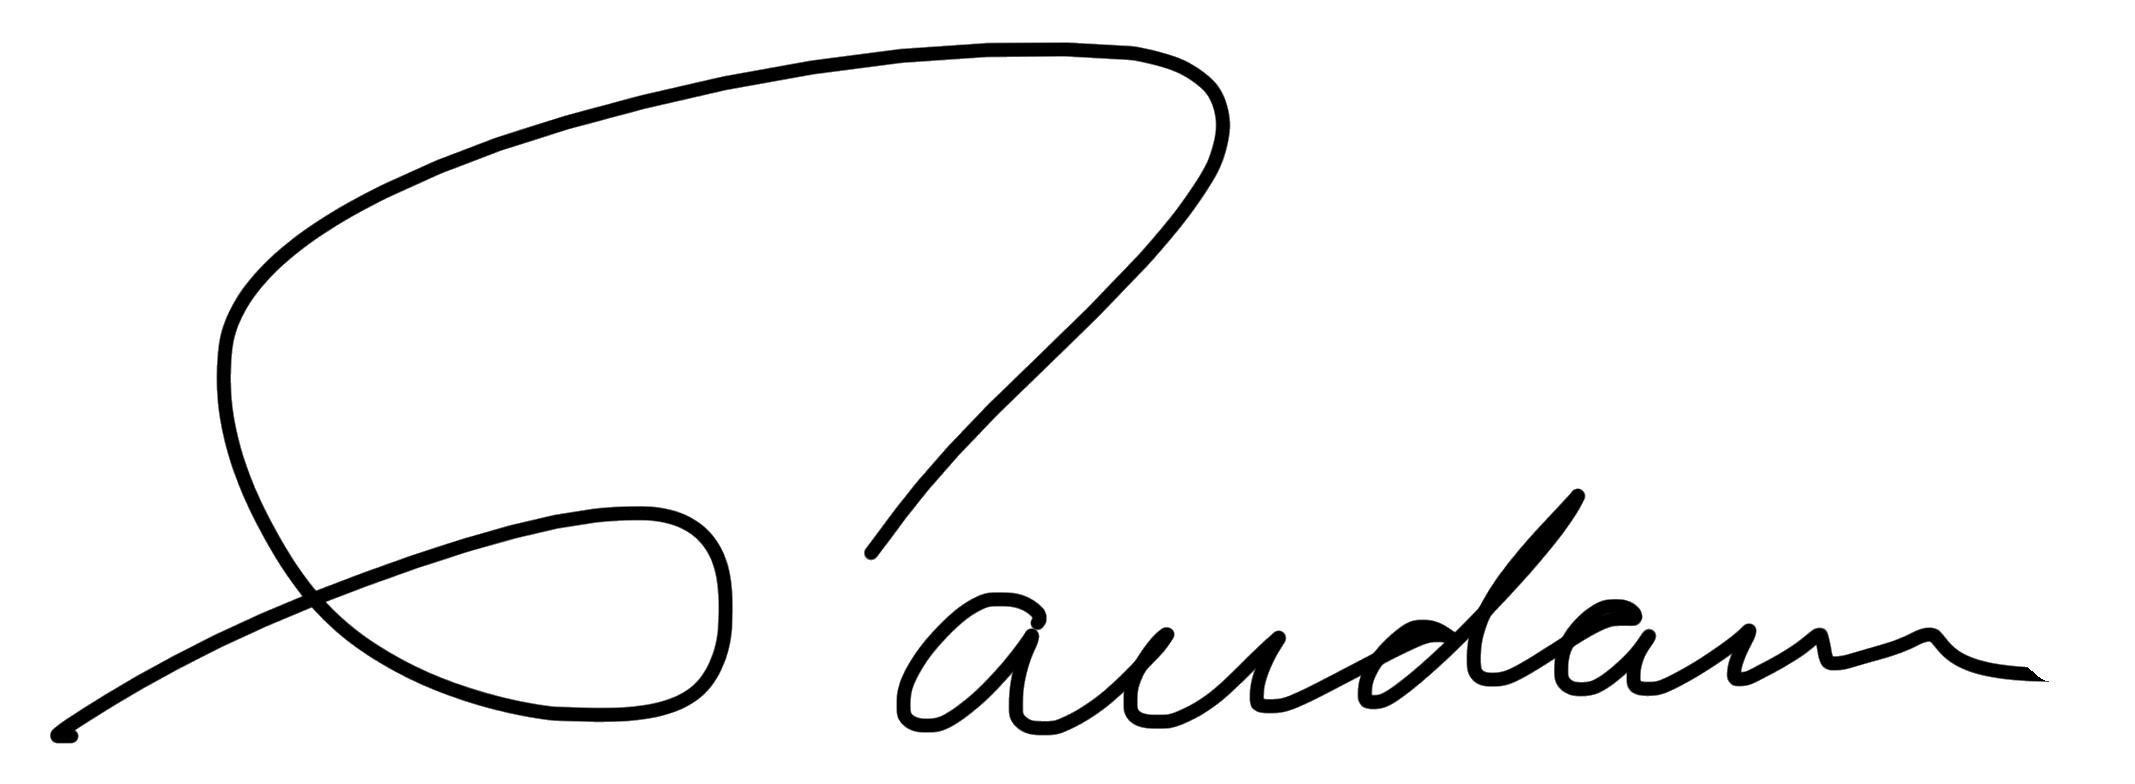 Mike Gaudaur Signature